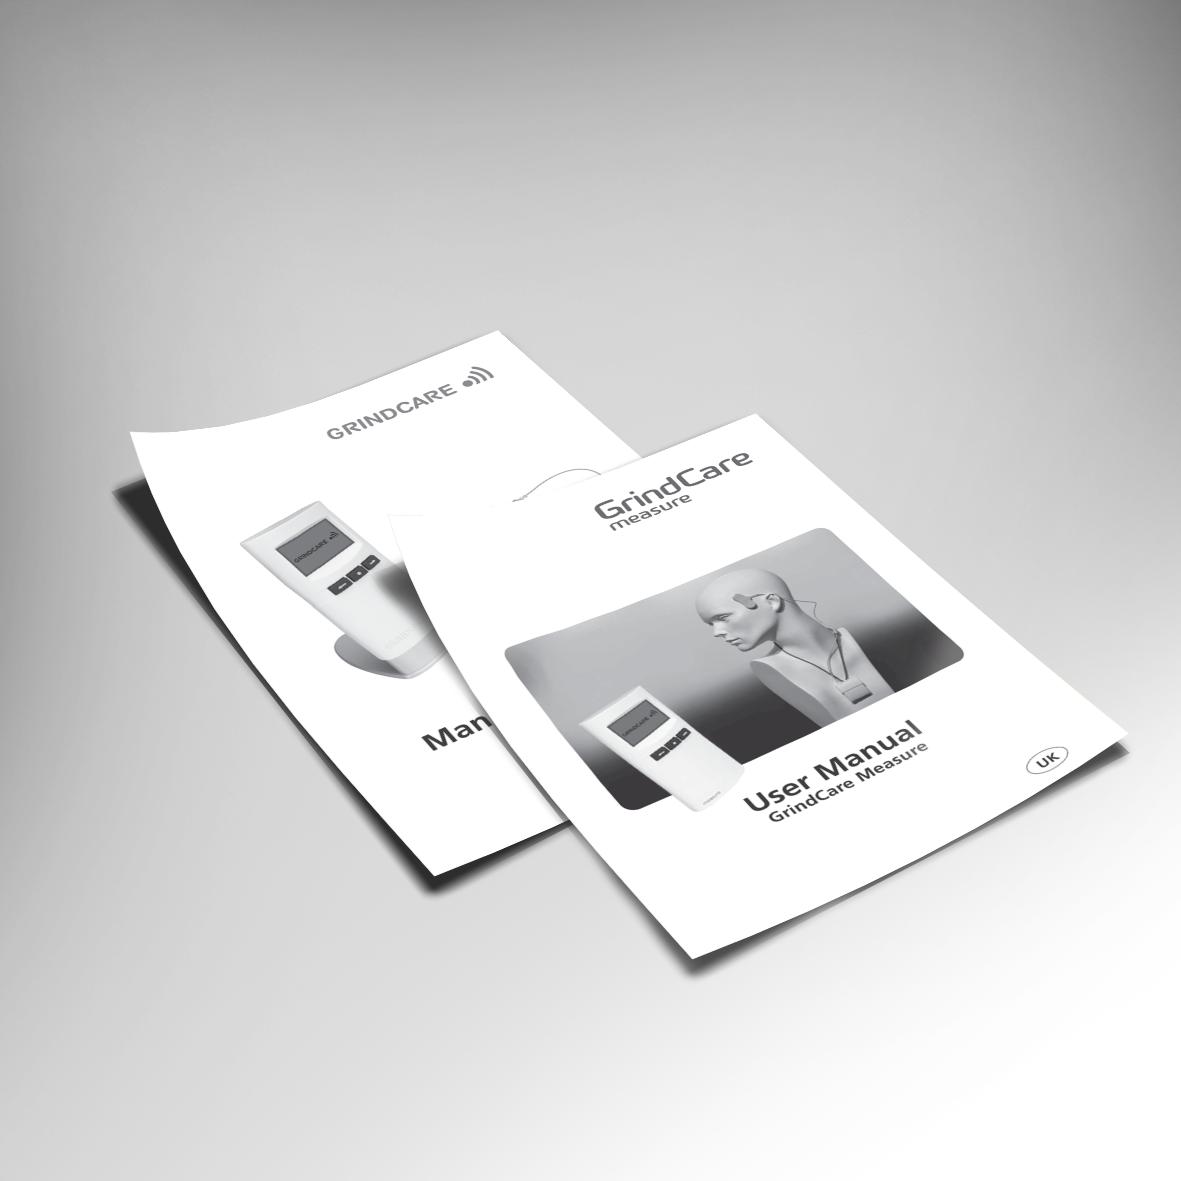 medotech-manualer.png